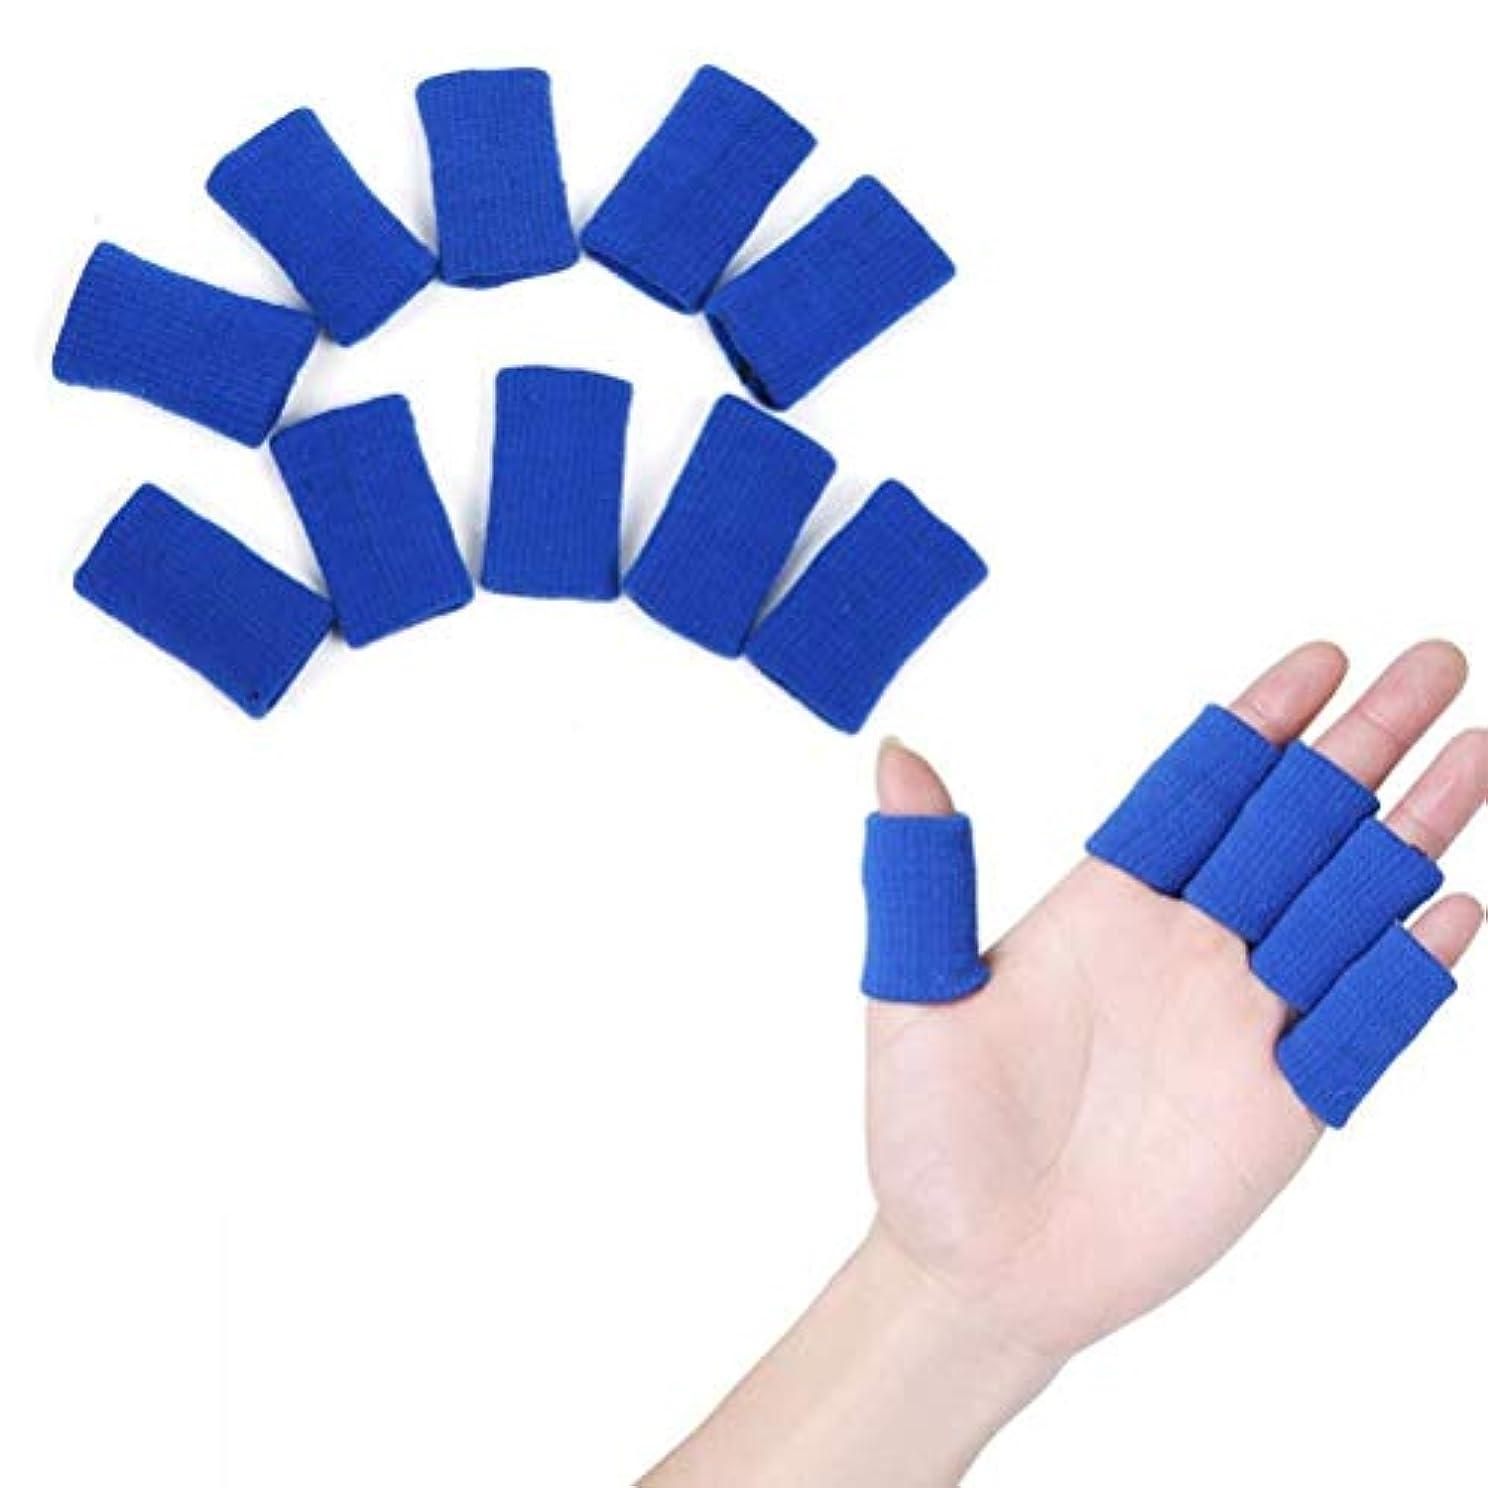 10個指スリーブプロテクターノンスリップは関節炎の痛み指プロテクターを和らげるのに役立ちます